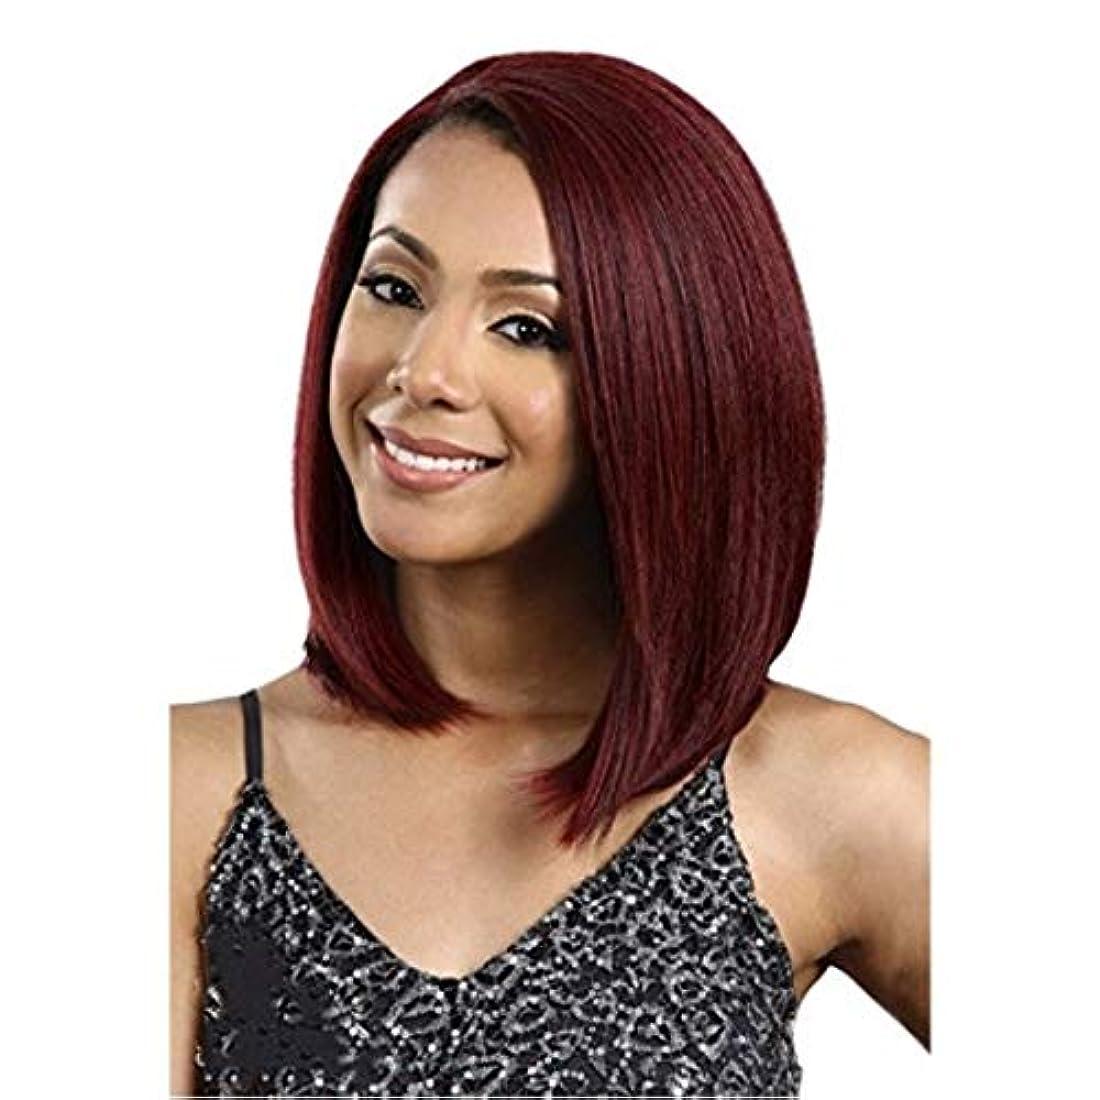 家事ラバ調停者Kerwinner 女性のための前髪の髪のかつらとミディアムストレートヘアレッドウィッグヘッドギア耐熱合成かつら